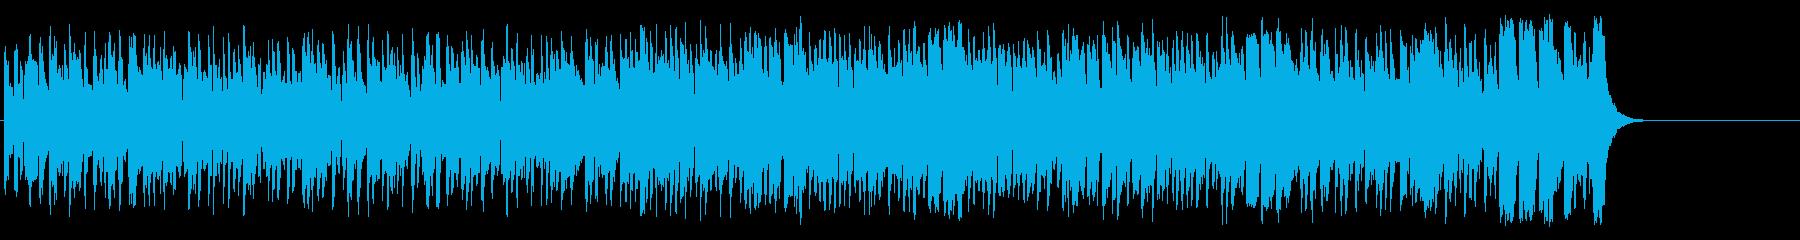 活気あふれるポップ(A~サビ~エンド)の再生済みの波形